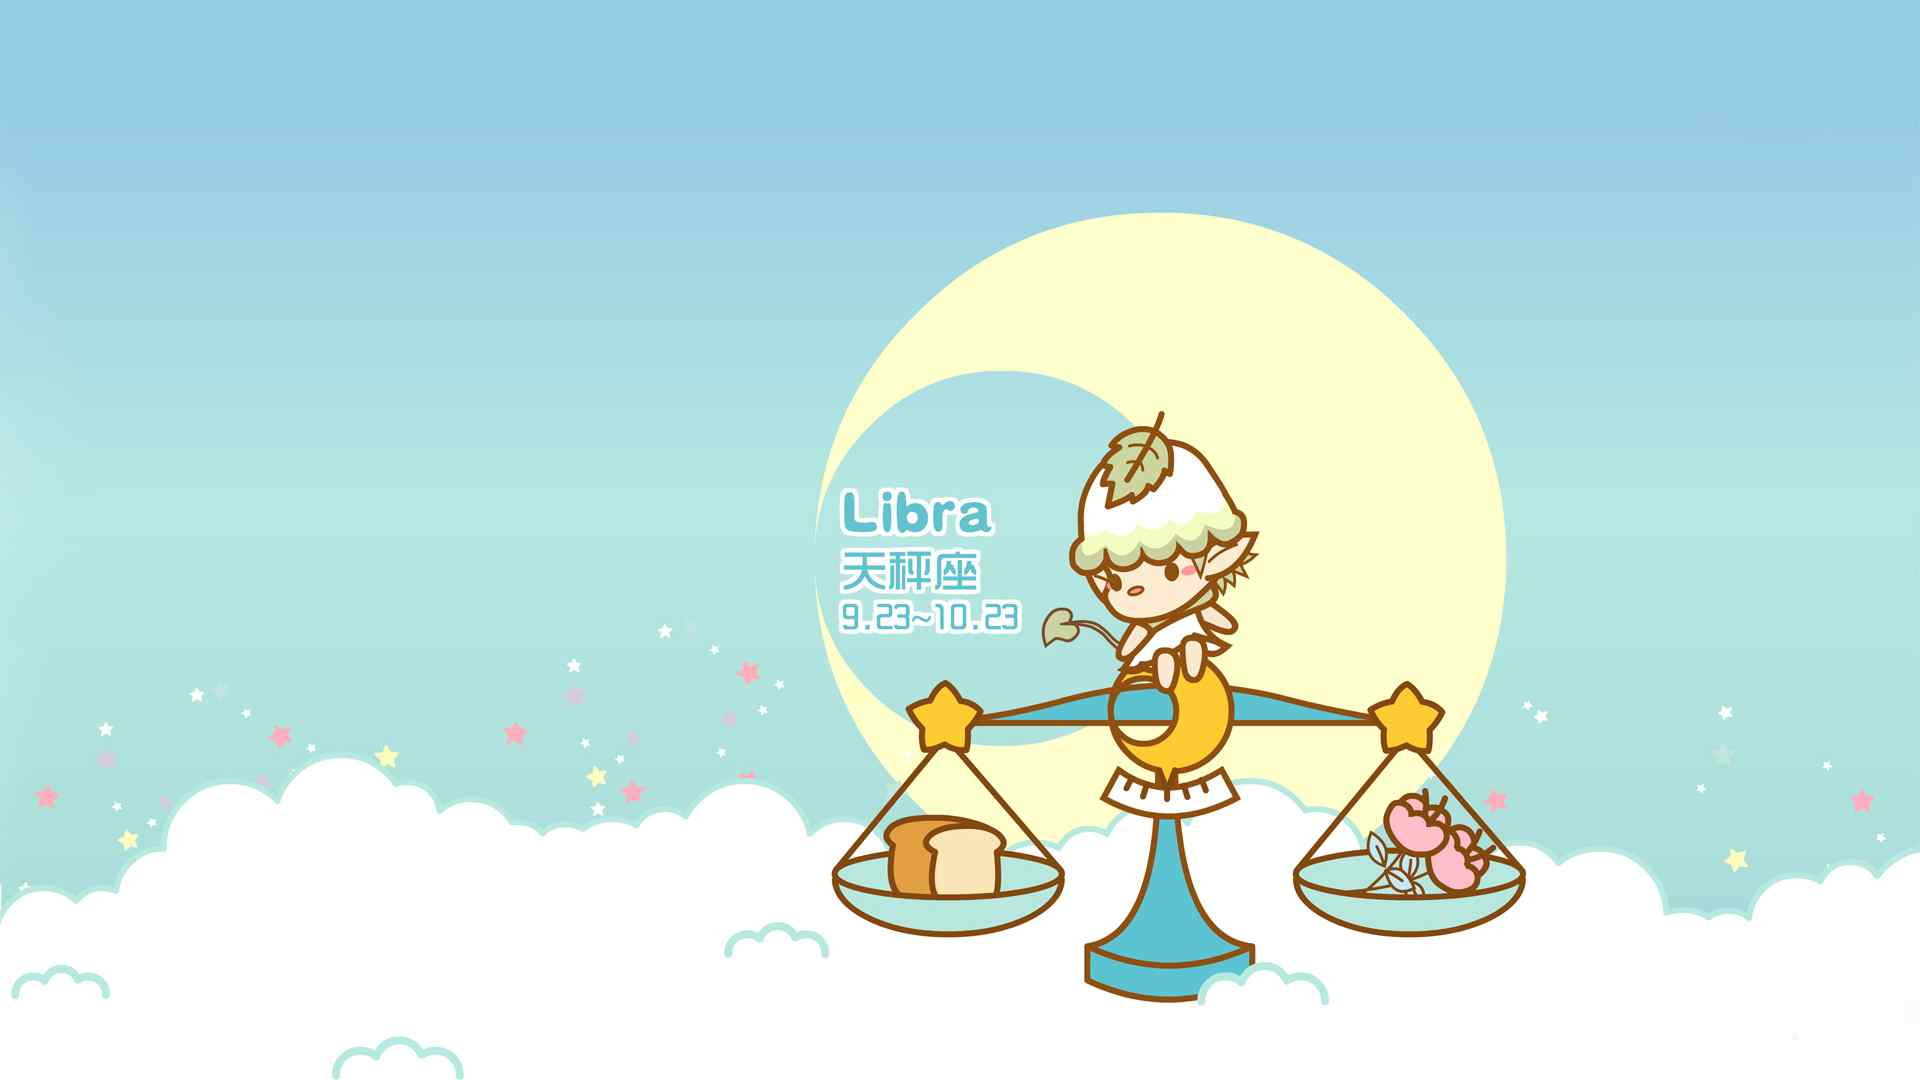 12星座之天秤座可爱卡通桌面壁纸